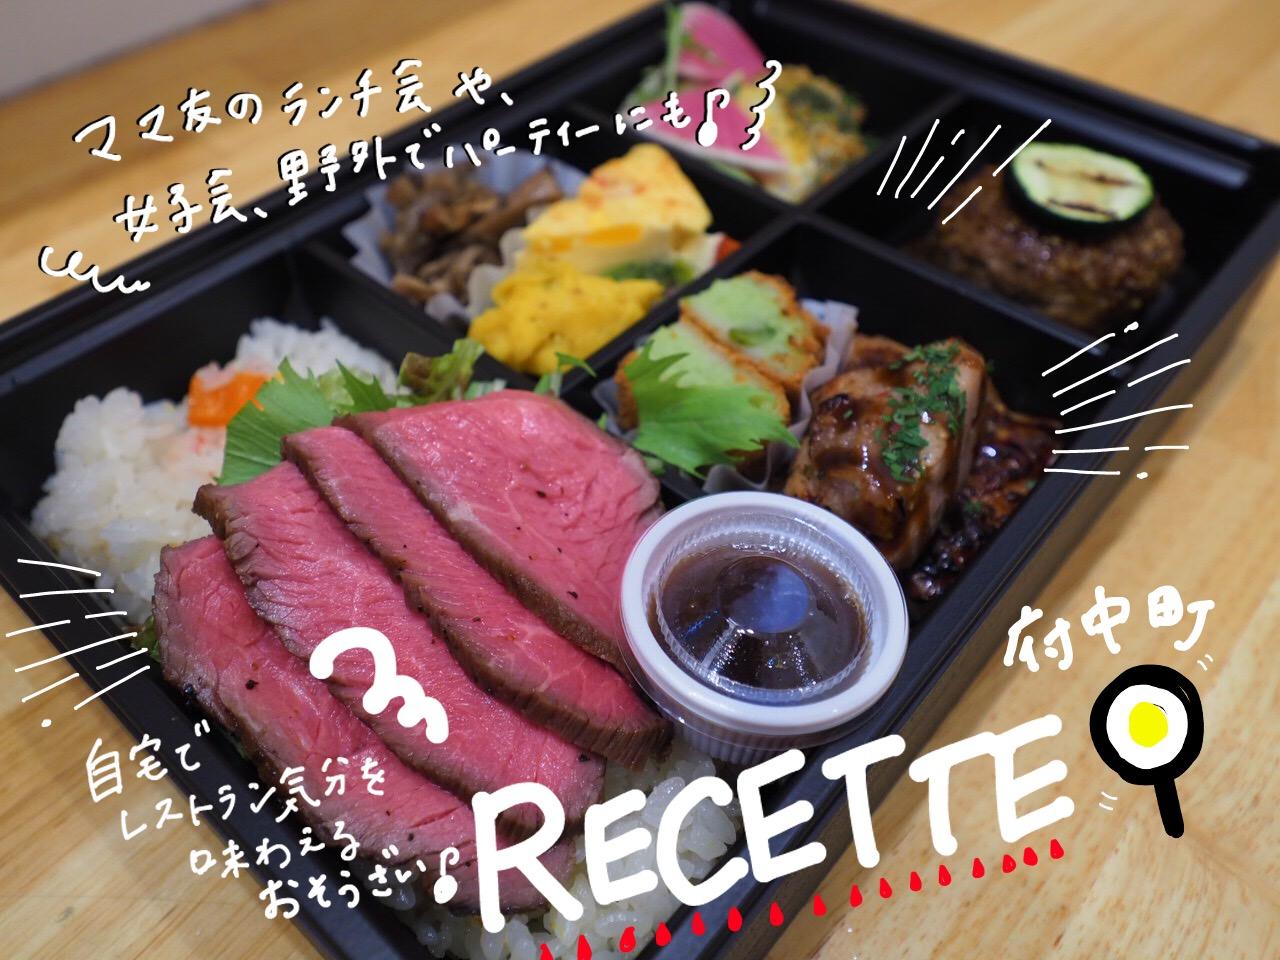 洋風お惣菜のお店 RECETTE